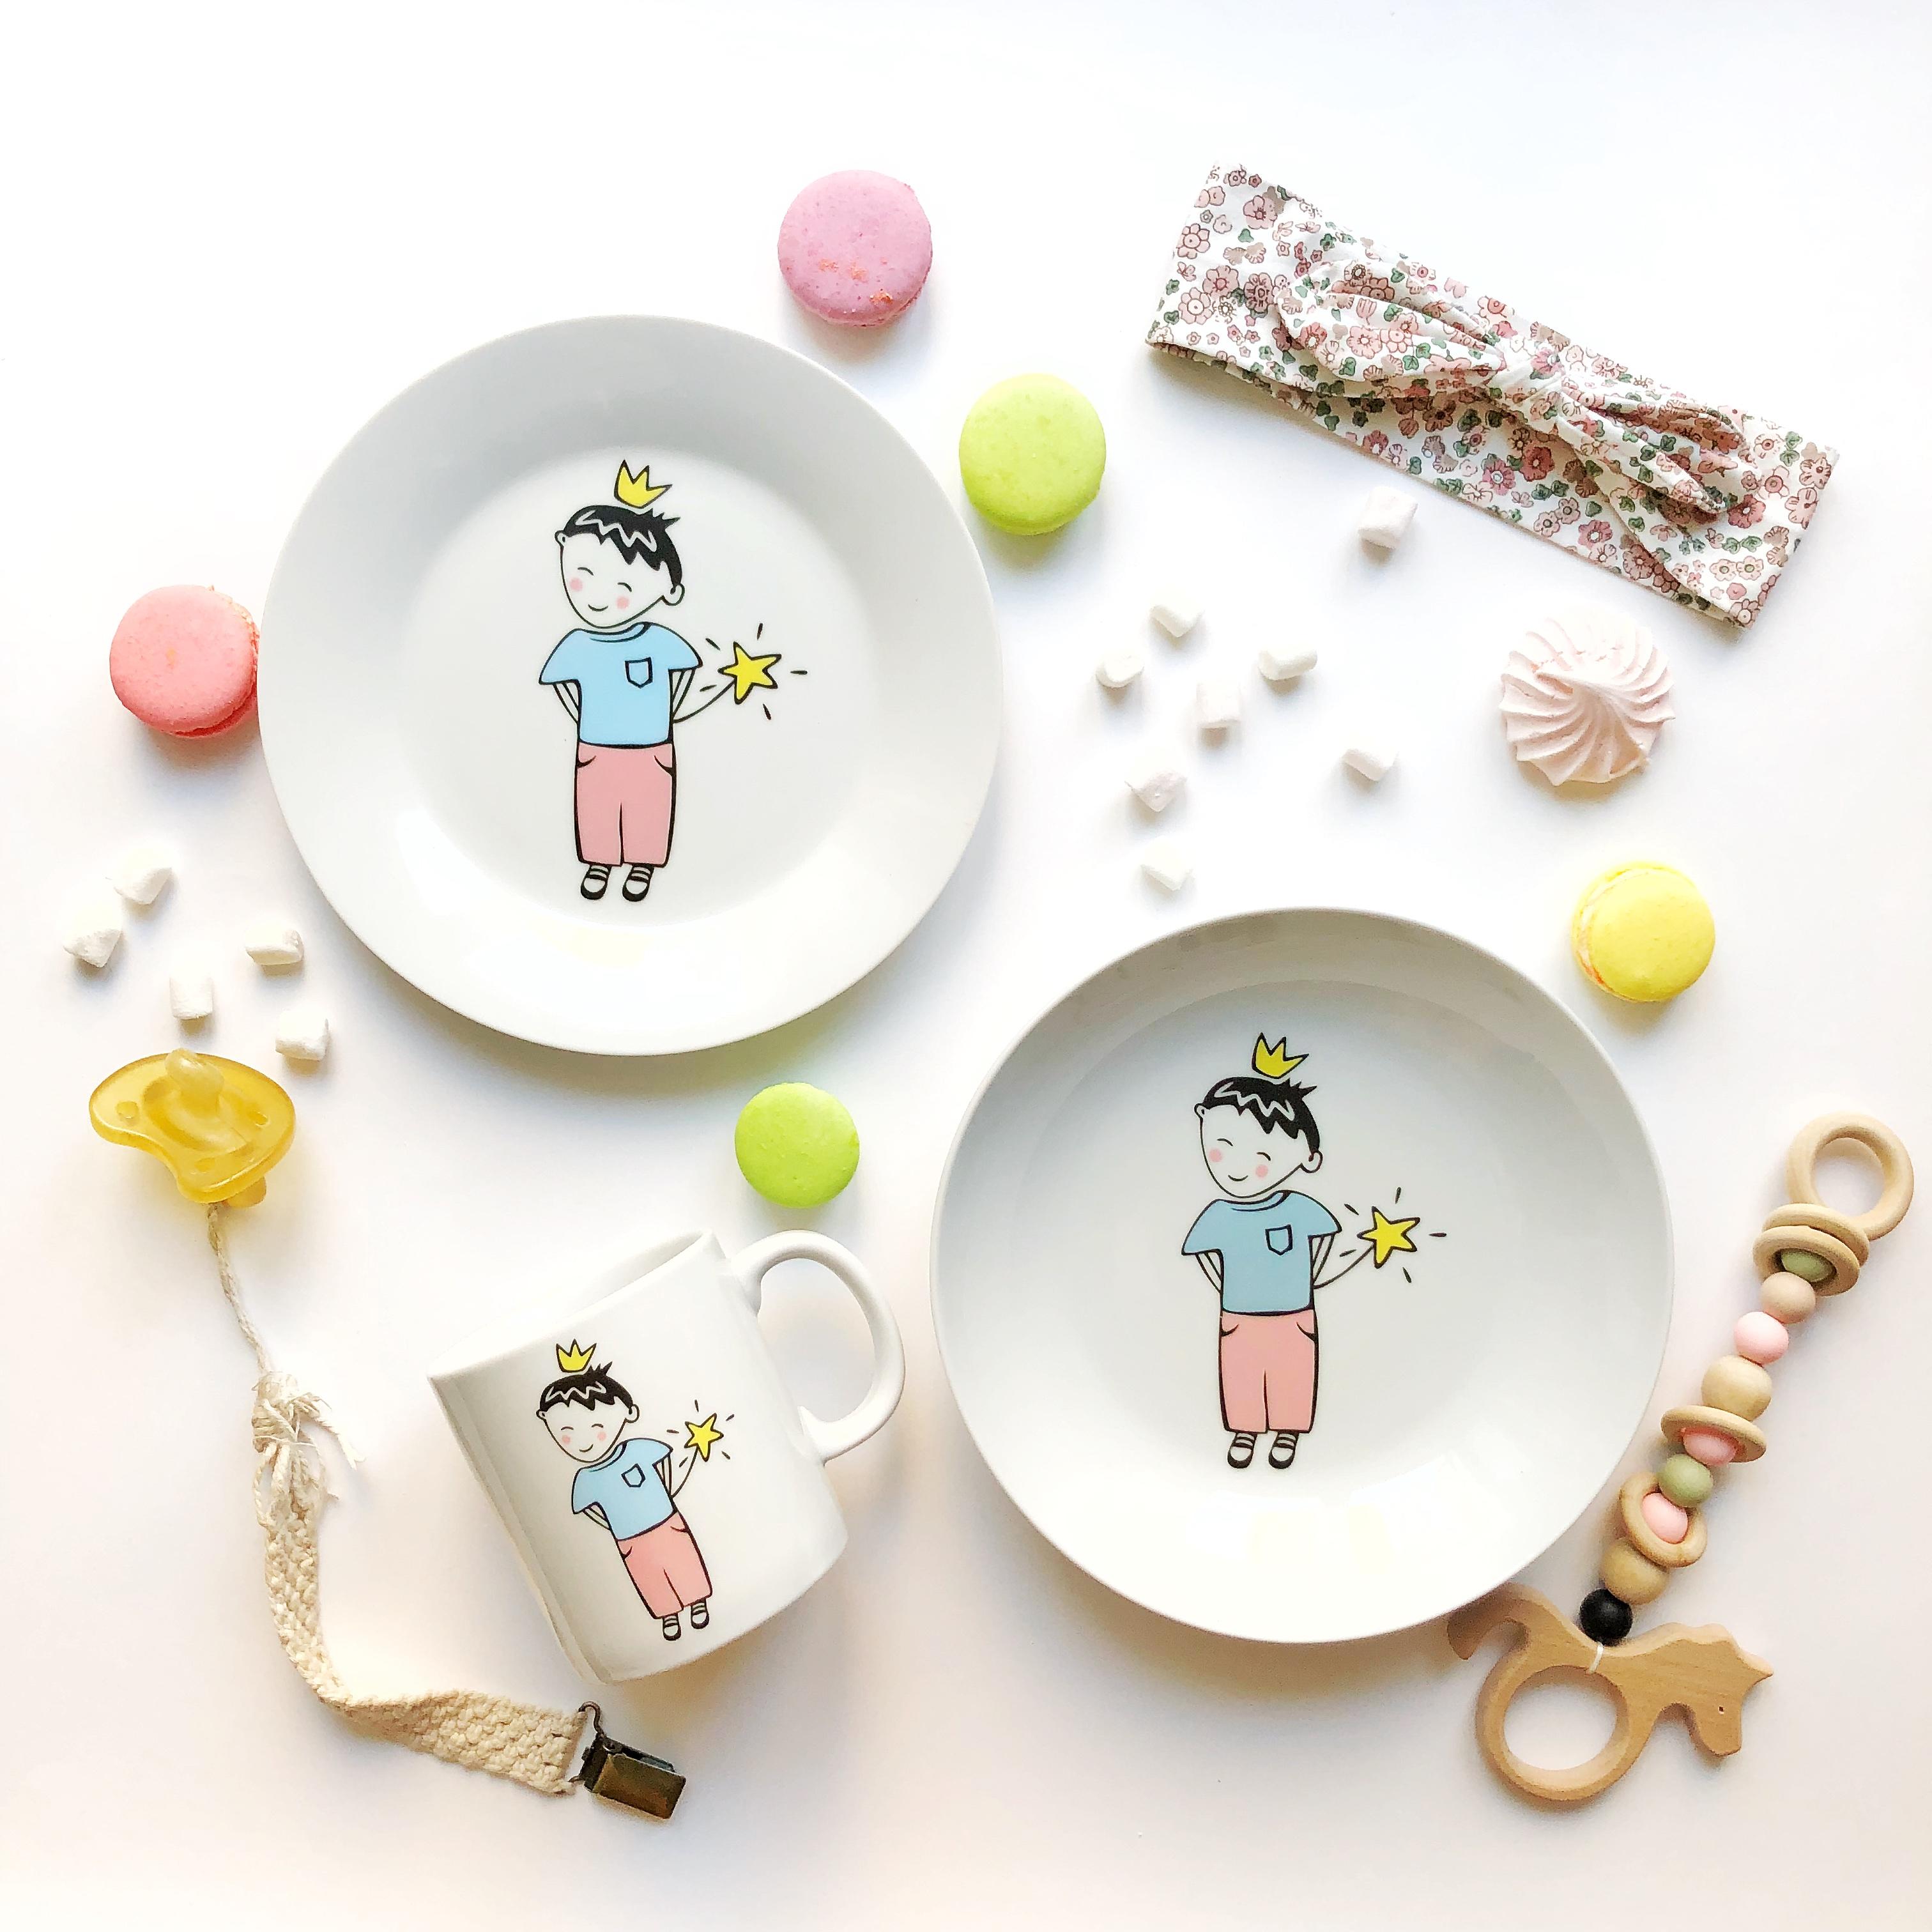 Набор столовой посуды Сотвори Чудо Набор посуды Маленький король (3 в 1: кружка+тарелка+глубокая тарелка Sans Brides), белый тарелка мелкая сотвори чудо бантик sans brides диаметр 20 см